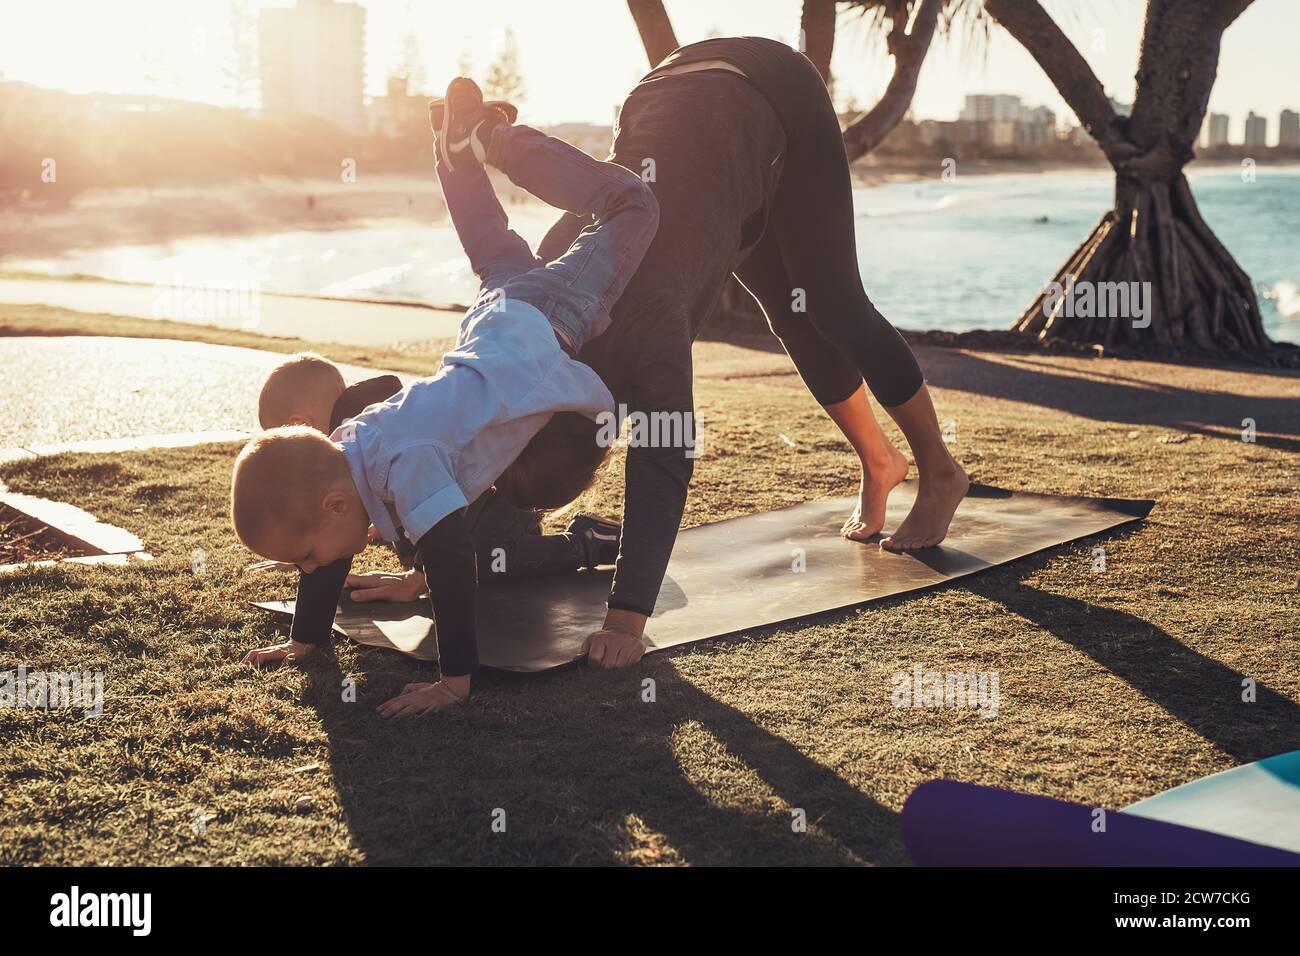 Madre joven y dos hijos haciendo gimnasia y estirándose en el parque de la ciudad al atardecer con vista al océano. Mujer en yoga asana y niño en su espalda Foto de stock